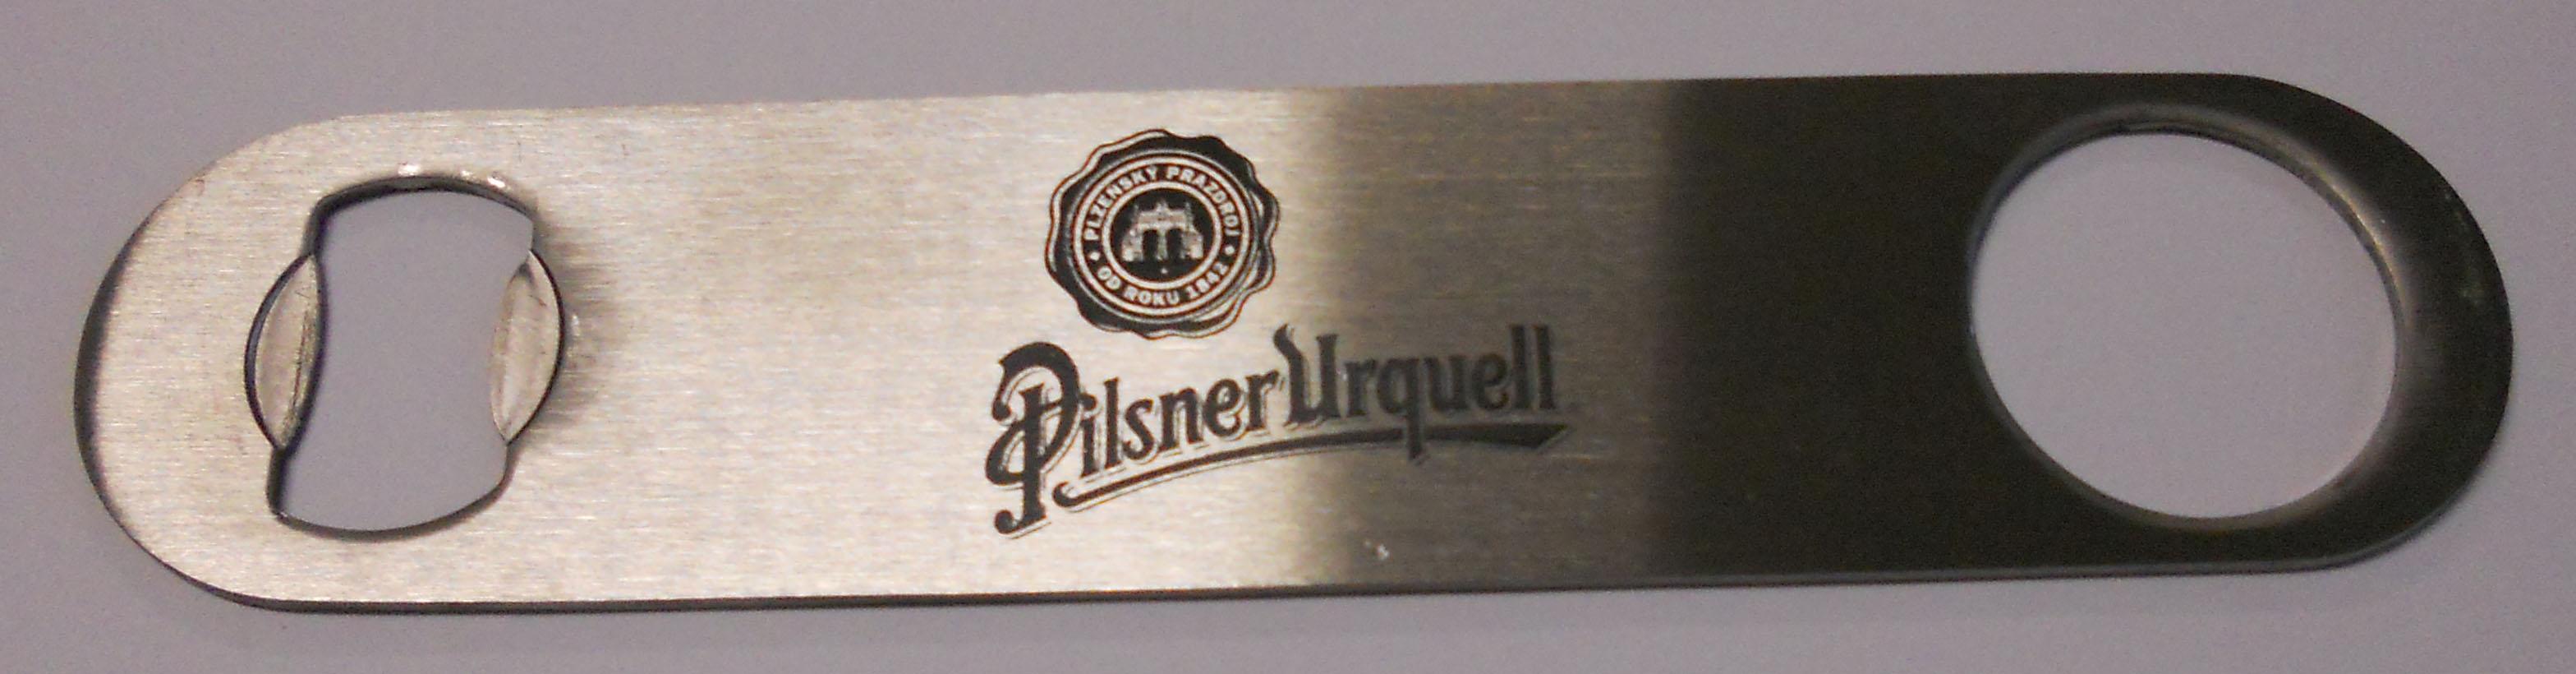 Pivní otvírák Pilsner Urquell